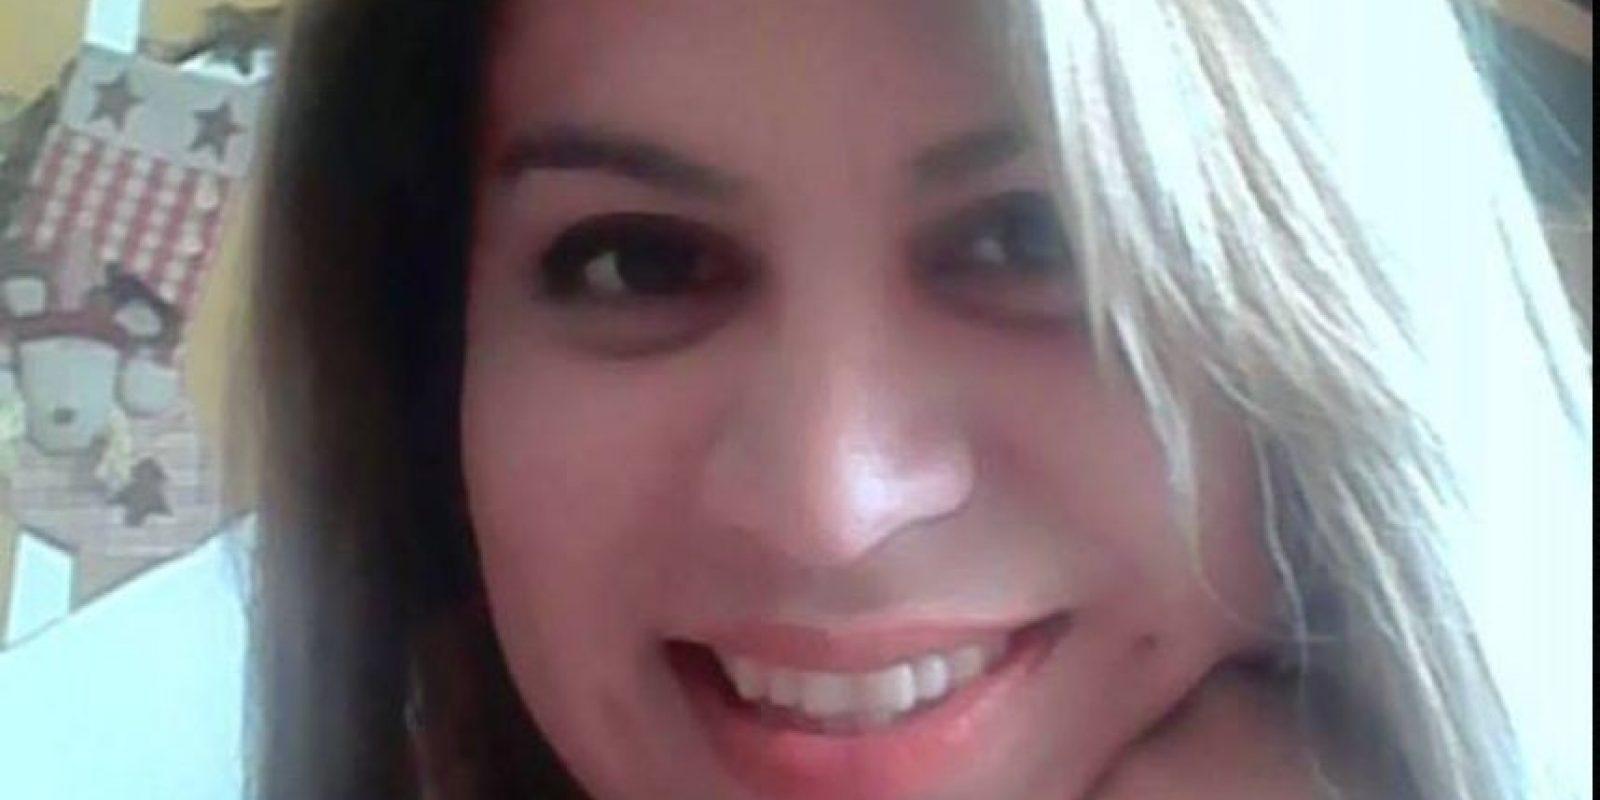 Kathalina Friedman, de Chile, fue golpeada brutalmente por 10 personas en Antofagasta, hasta hacerle perder el conocimiento. Foto:vía Facebook/Kathalina Friedman